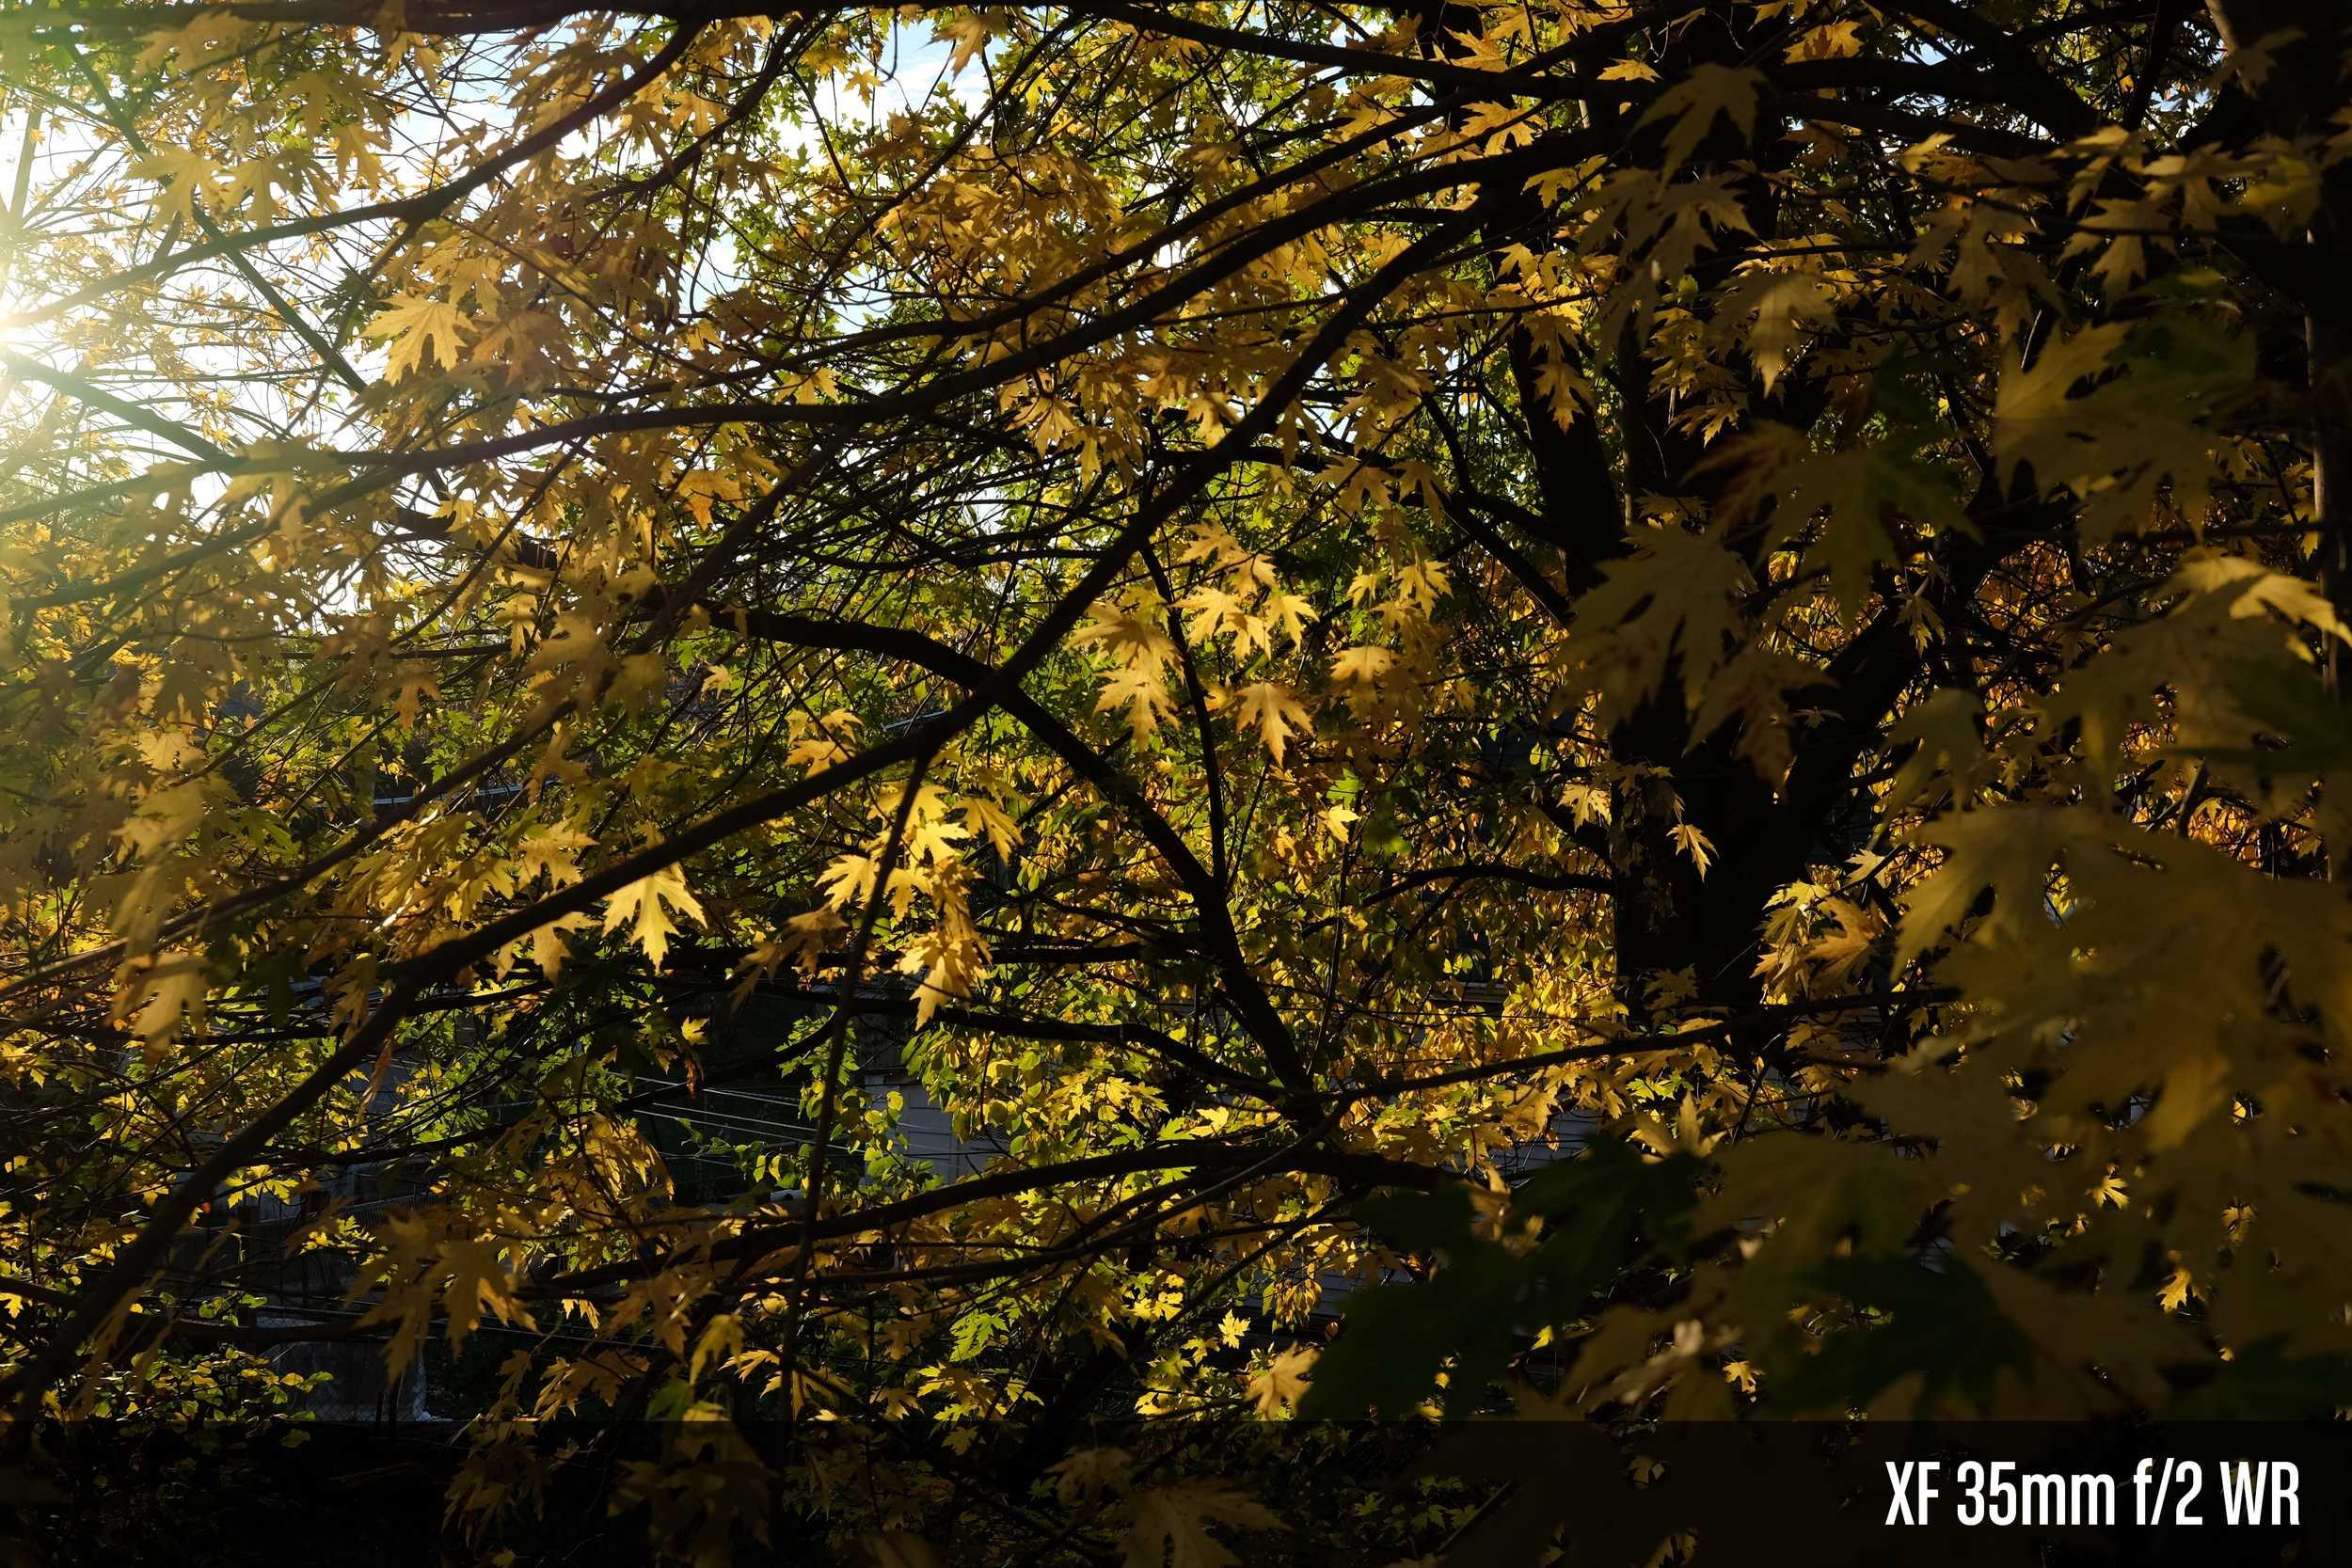 XF 35mm f2 WR.jpg